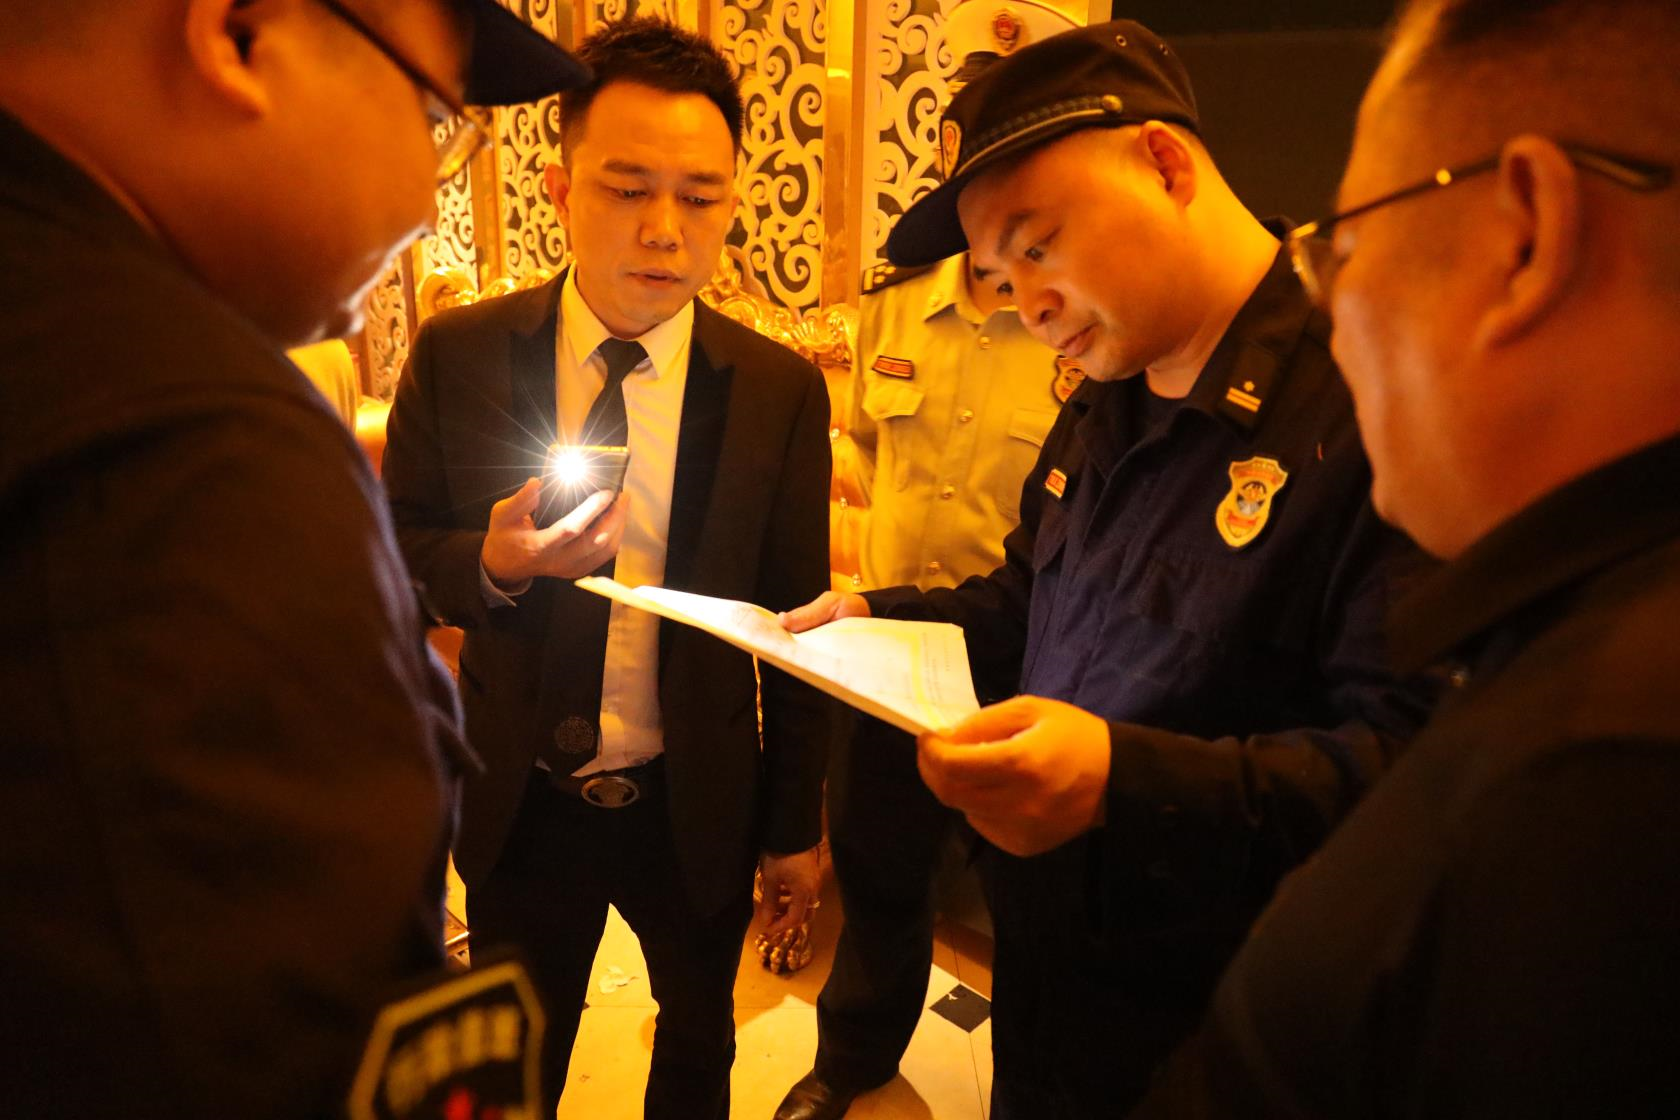 娄底消防开展国庆、中秋节前消防安全夜查行动